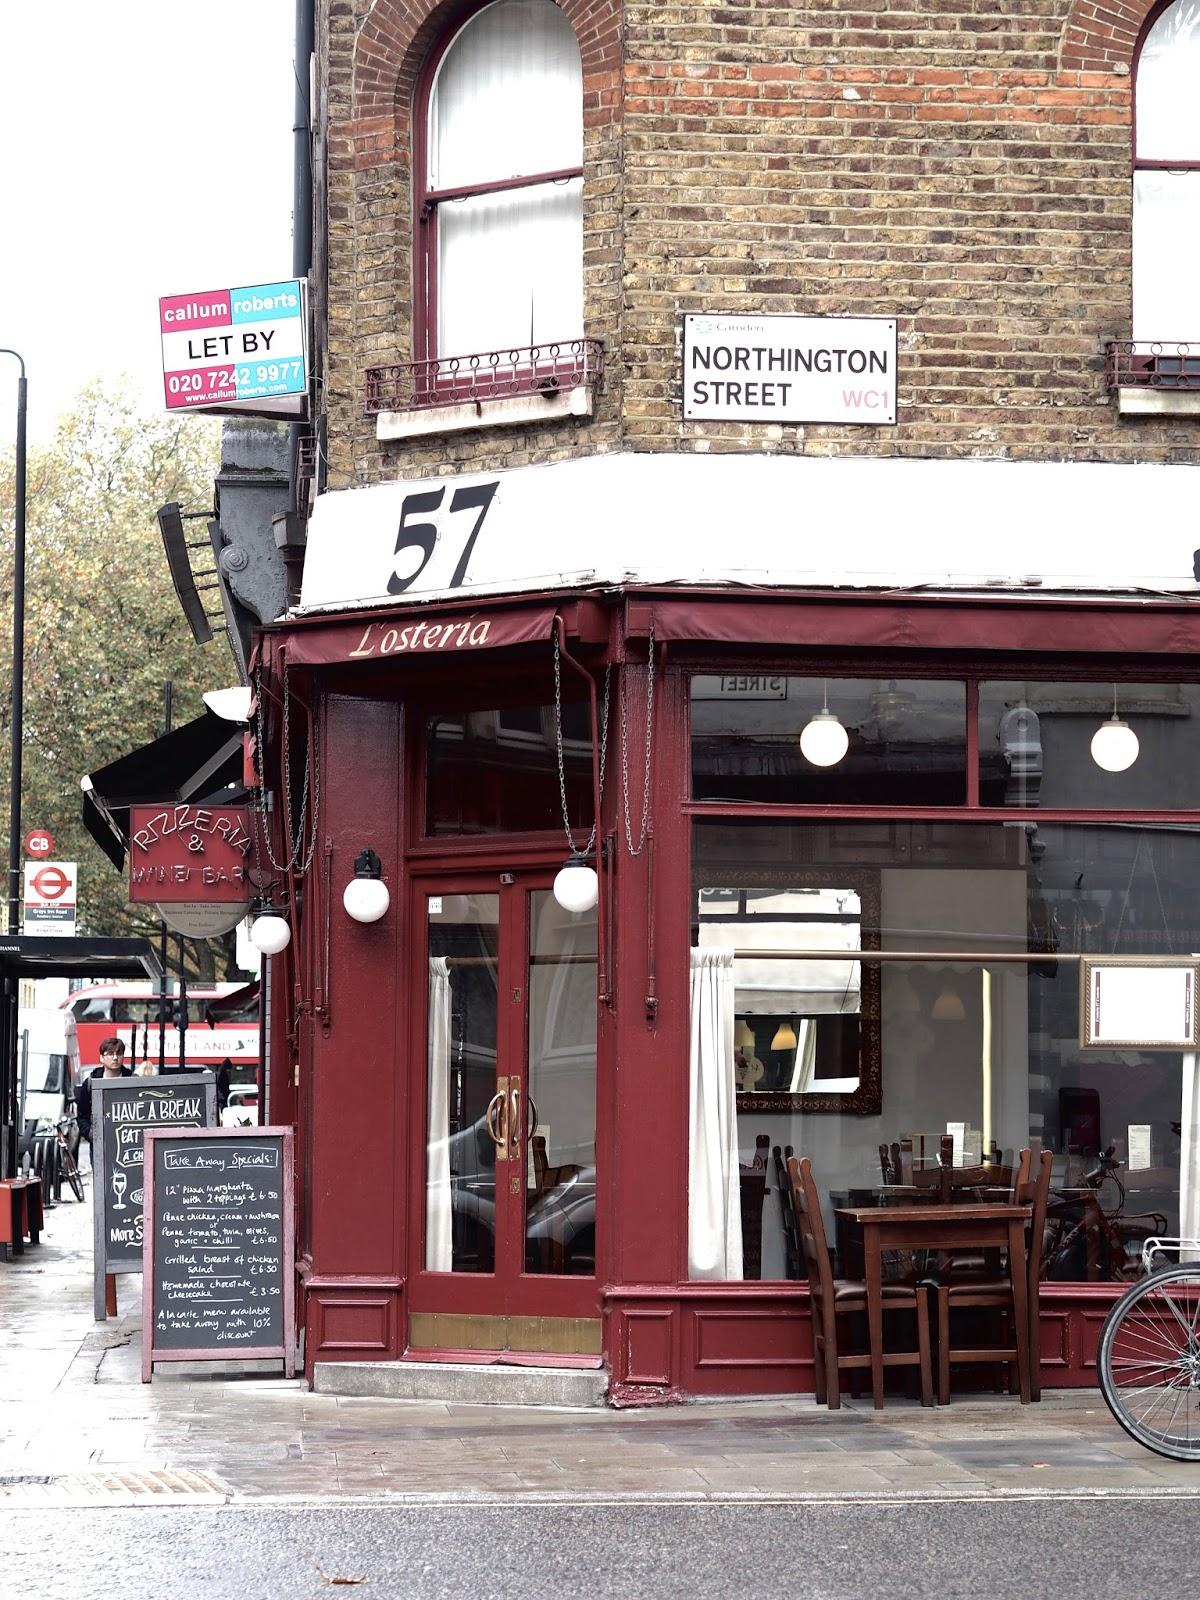 LONDON DIARY I. 10